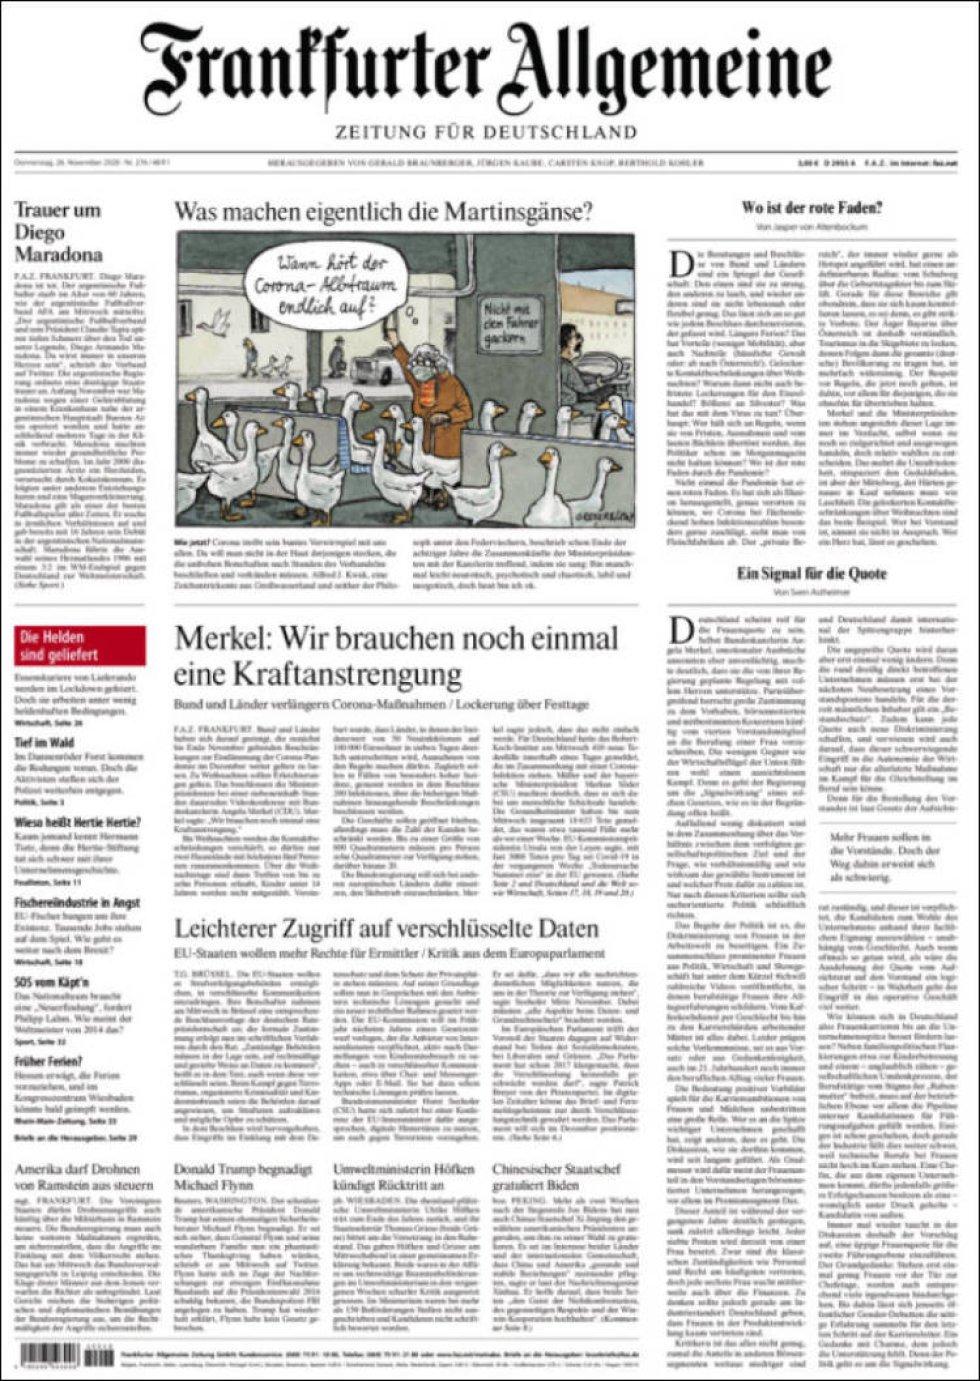 El 'Frankfurter Allgemeine' dedica solo una columna pequeña a la muerte de Maradona: 'Luto por Diego Maradona'